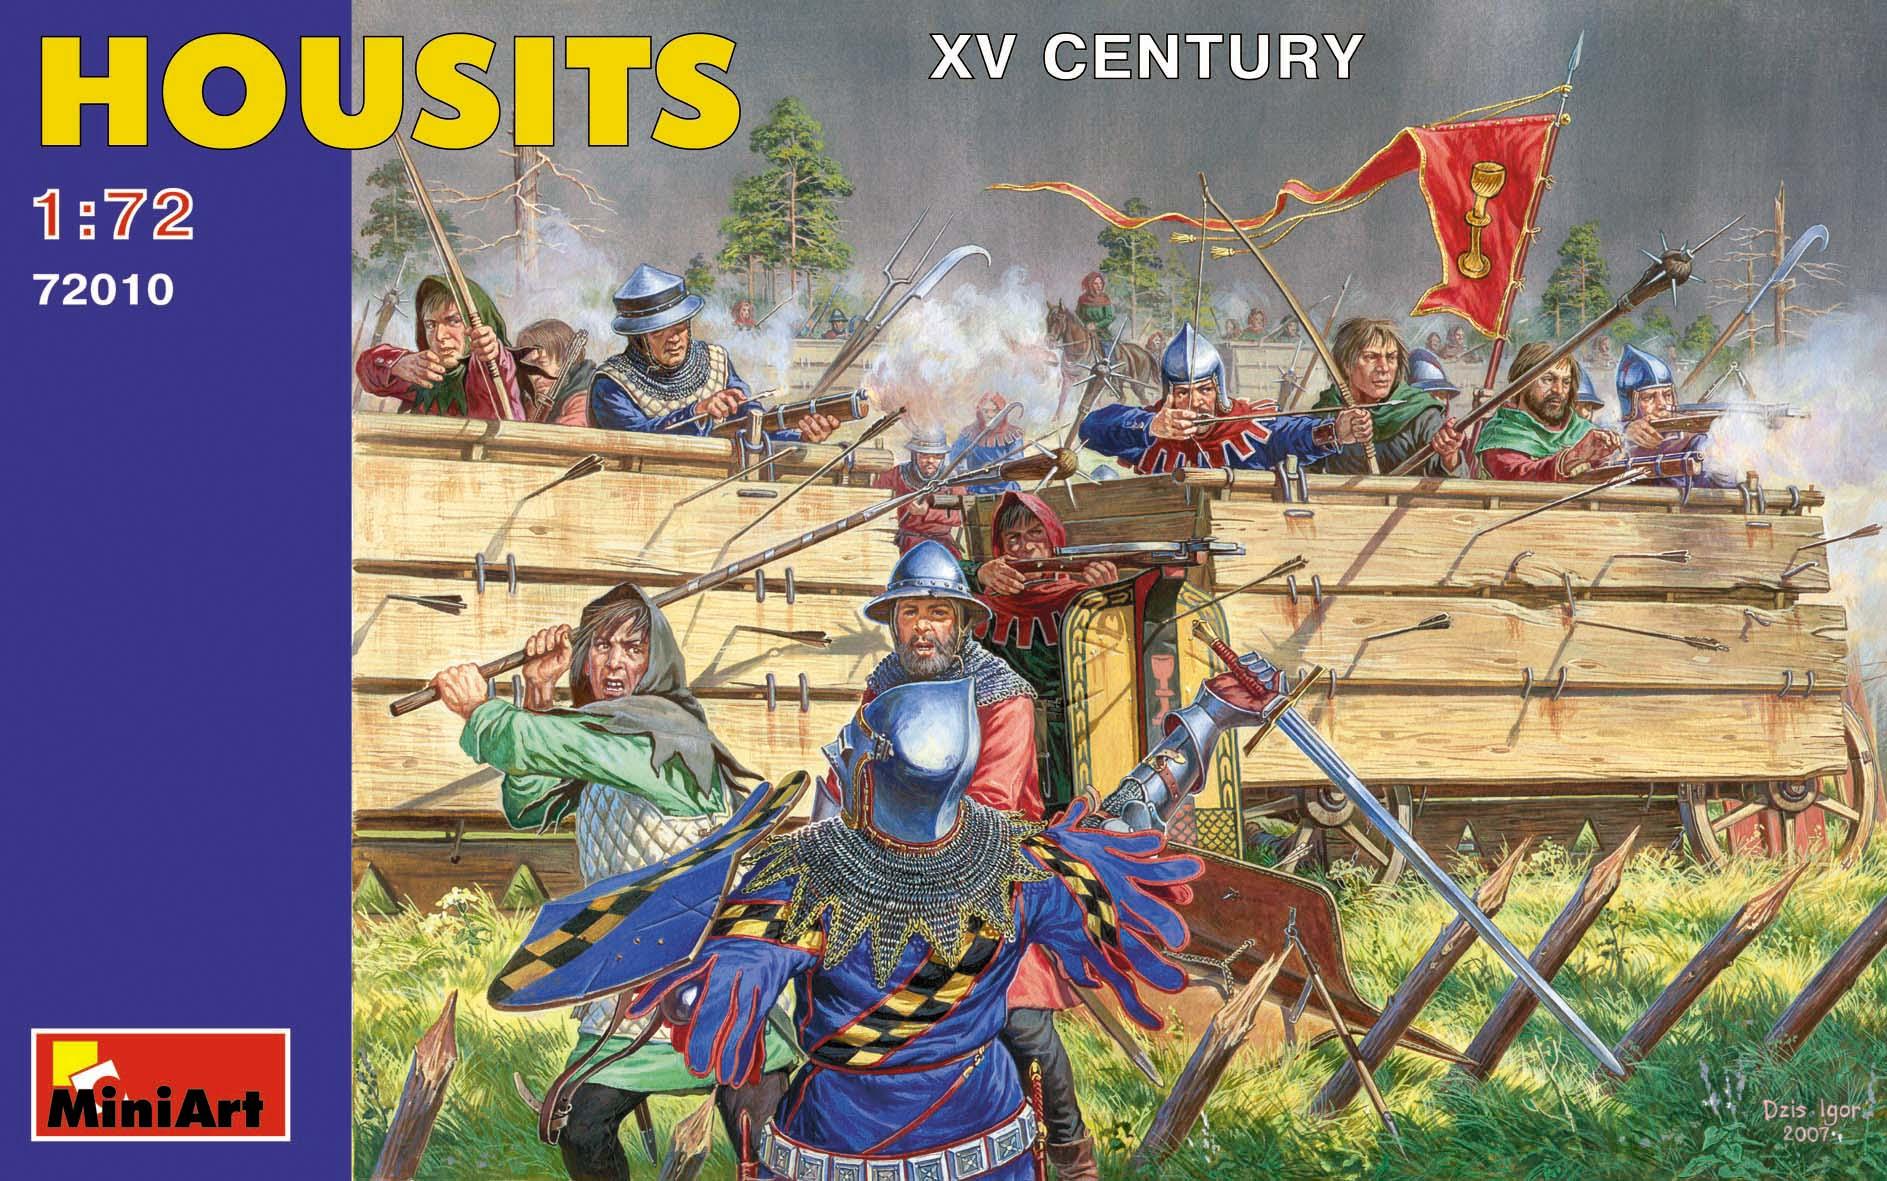 72010HOUSITS(15世紀)フィギュアセット